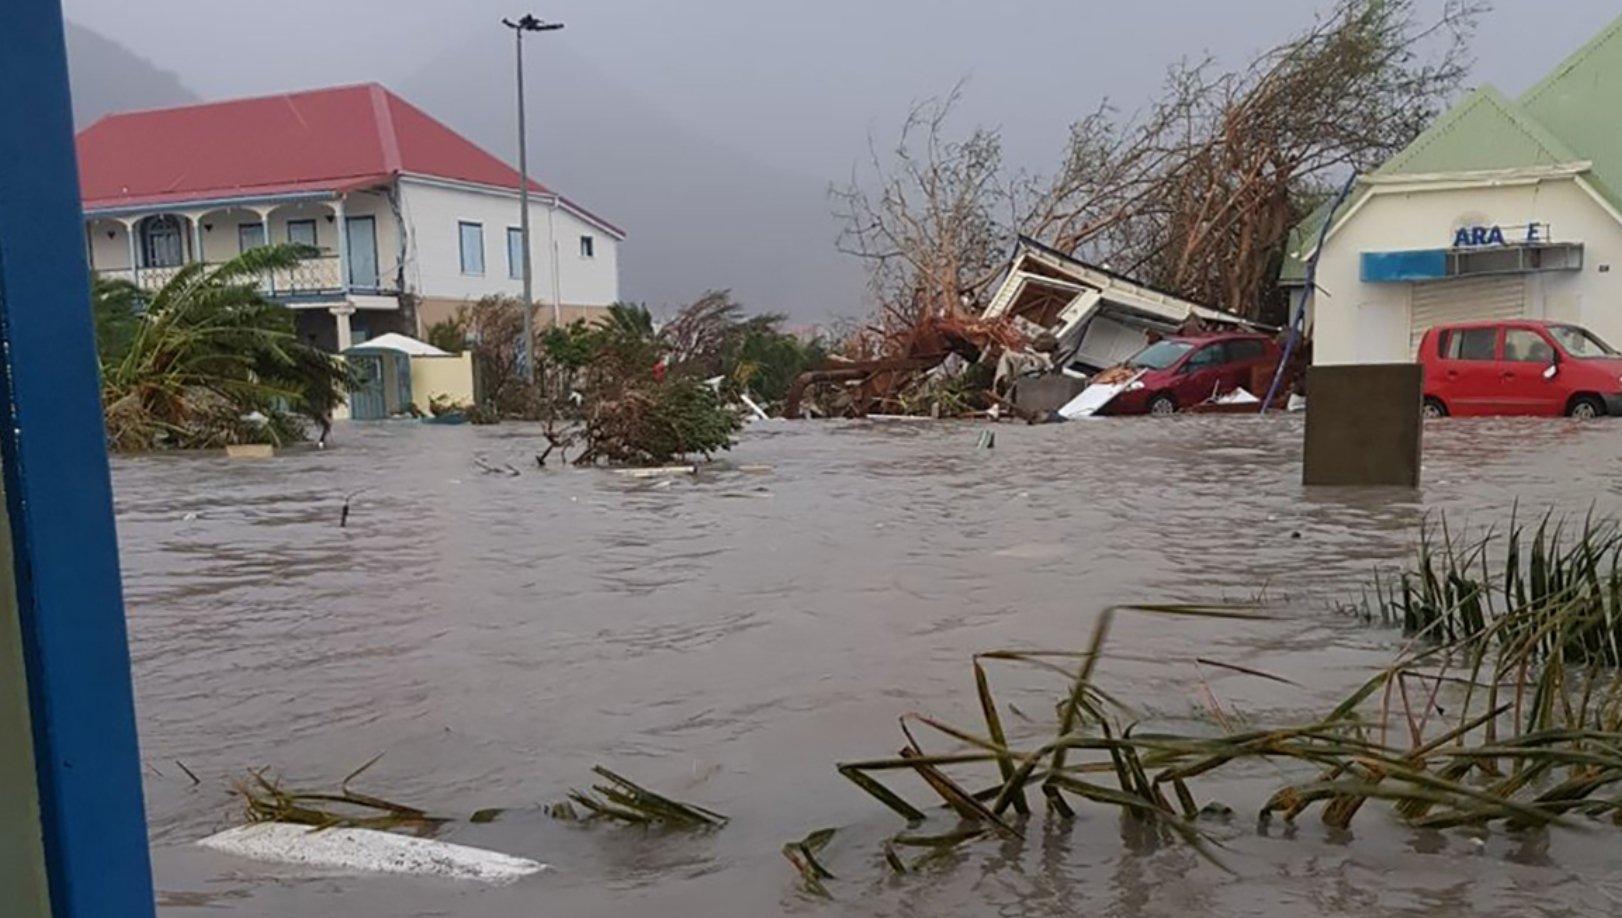 El interior de Puerto Rico busca revivir y volver a ser verde tras paso ciclón